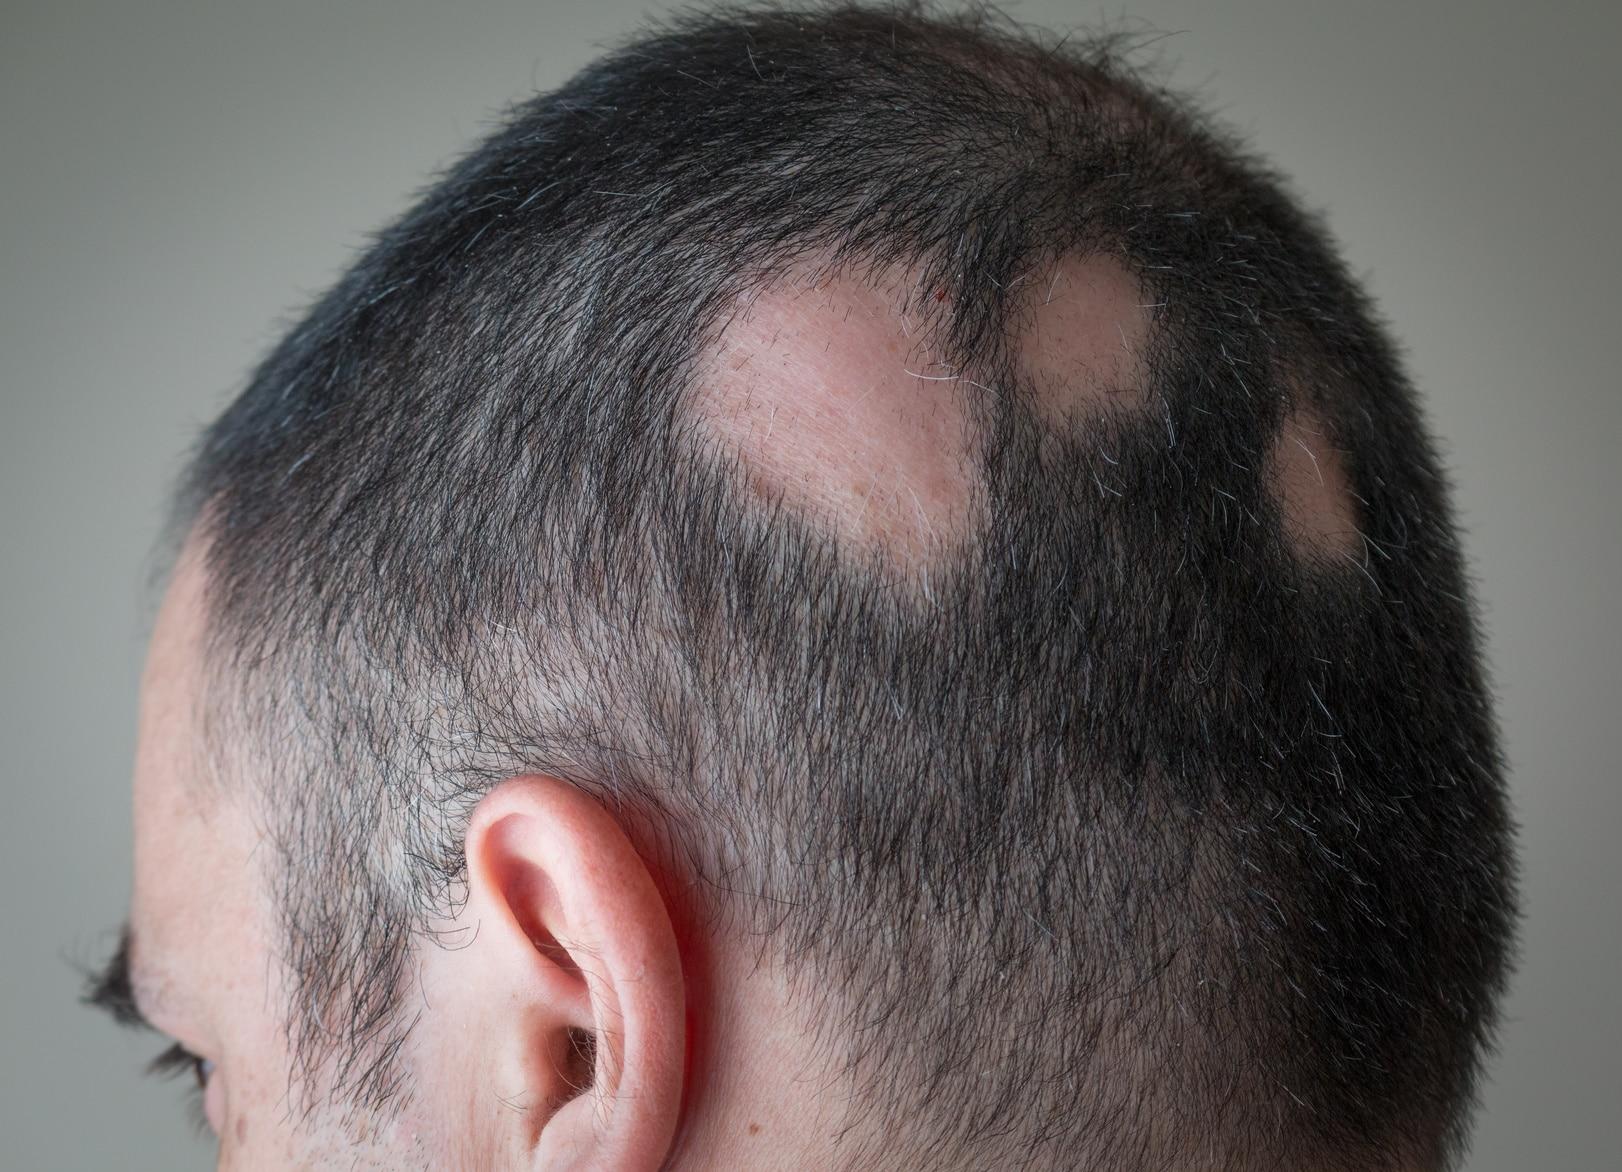 O que é Alopecia Areata? Patologia afeta participante do BBB